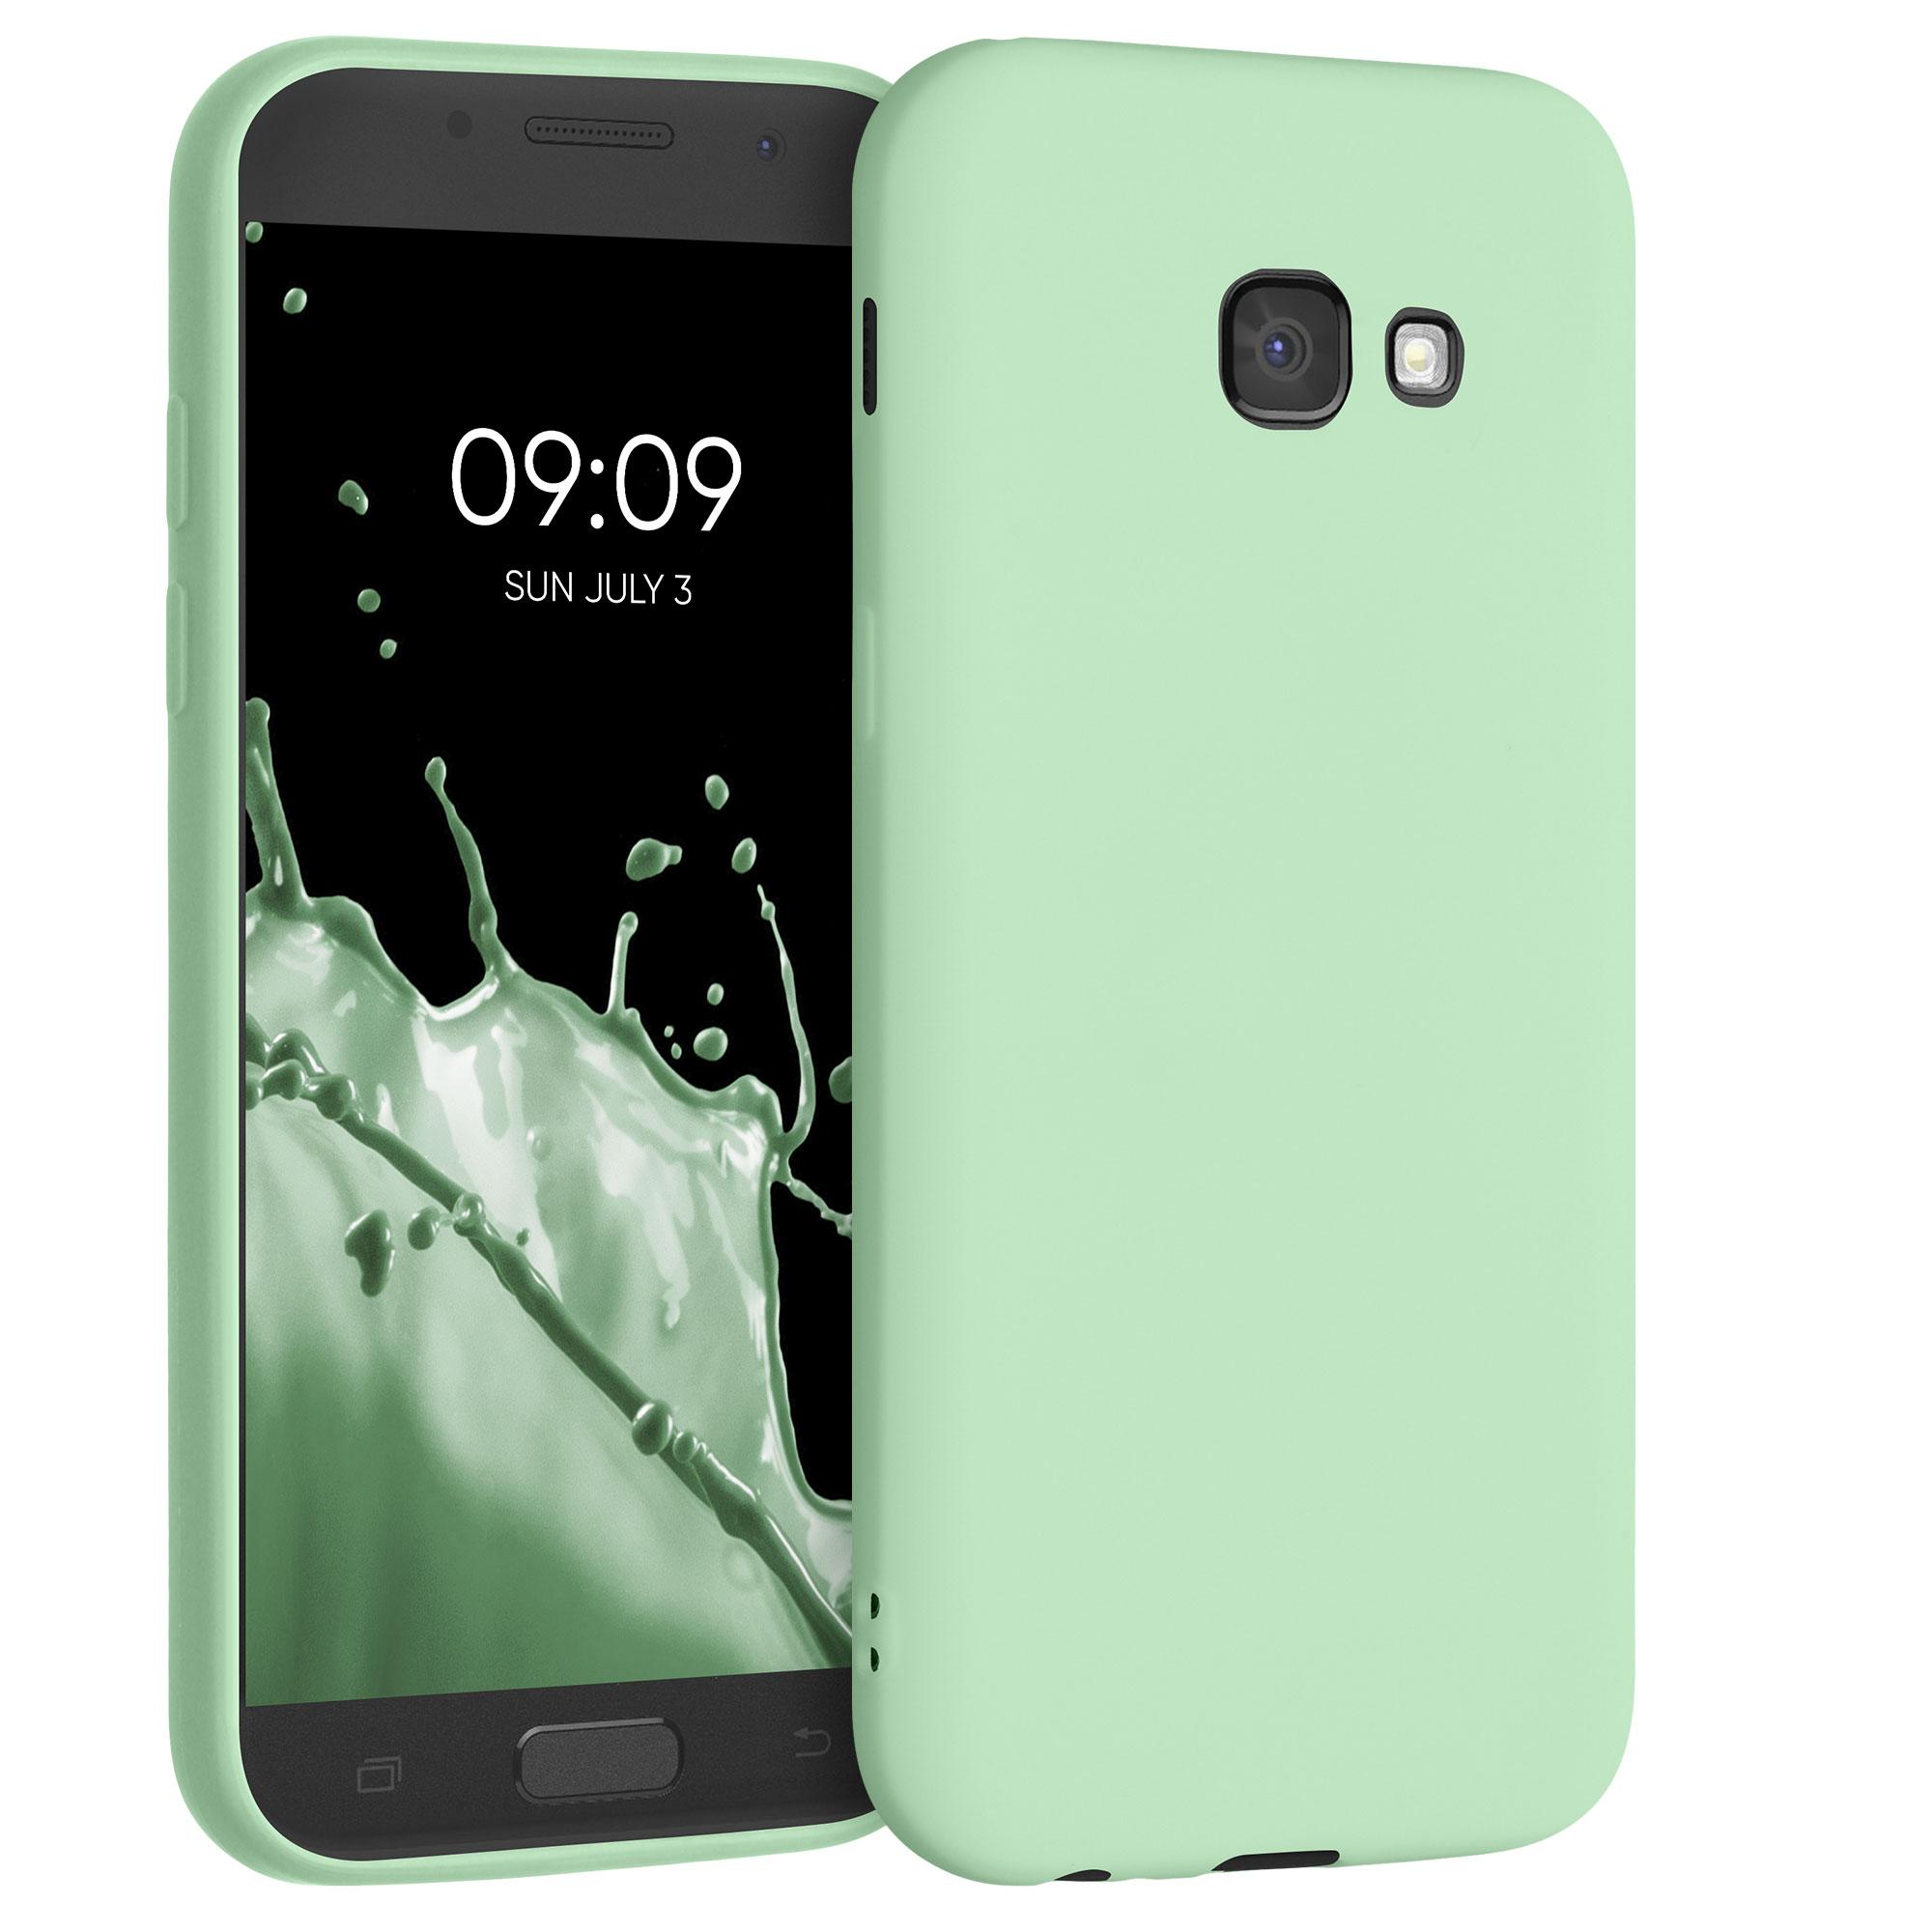 AKCE IHNED! Kvalitní silikonové TPU pouzdro pro Samsung A5 (2017) - mint zelené